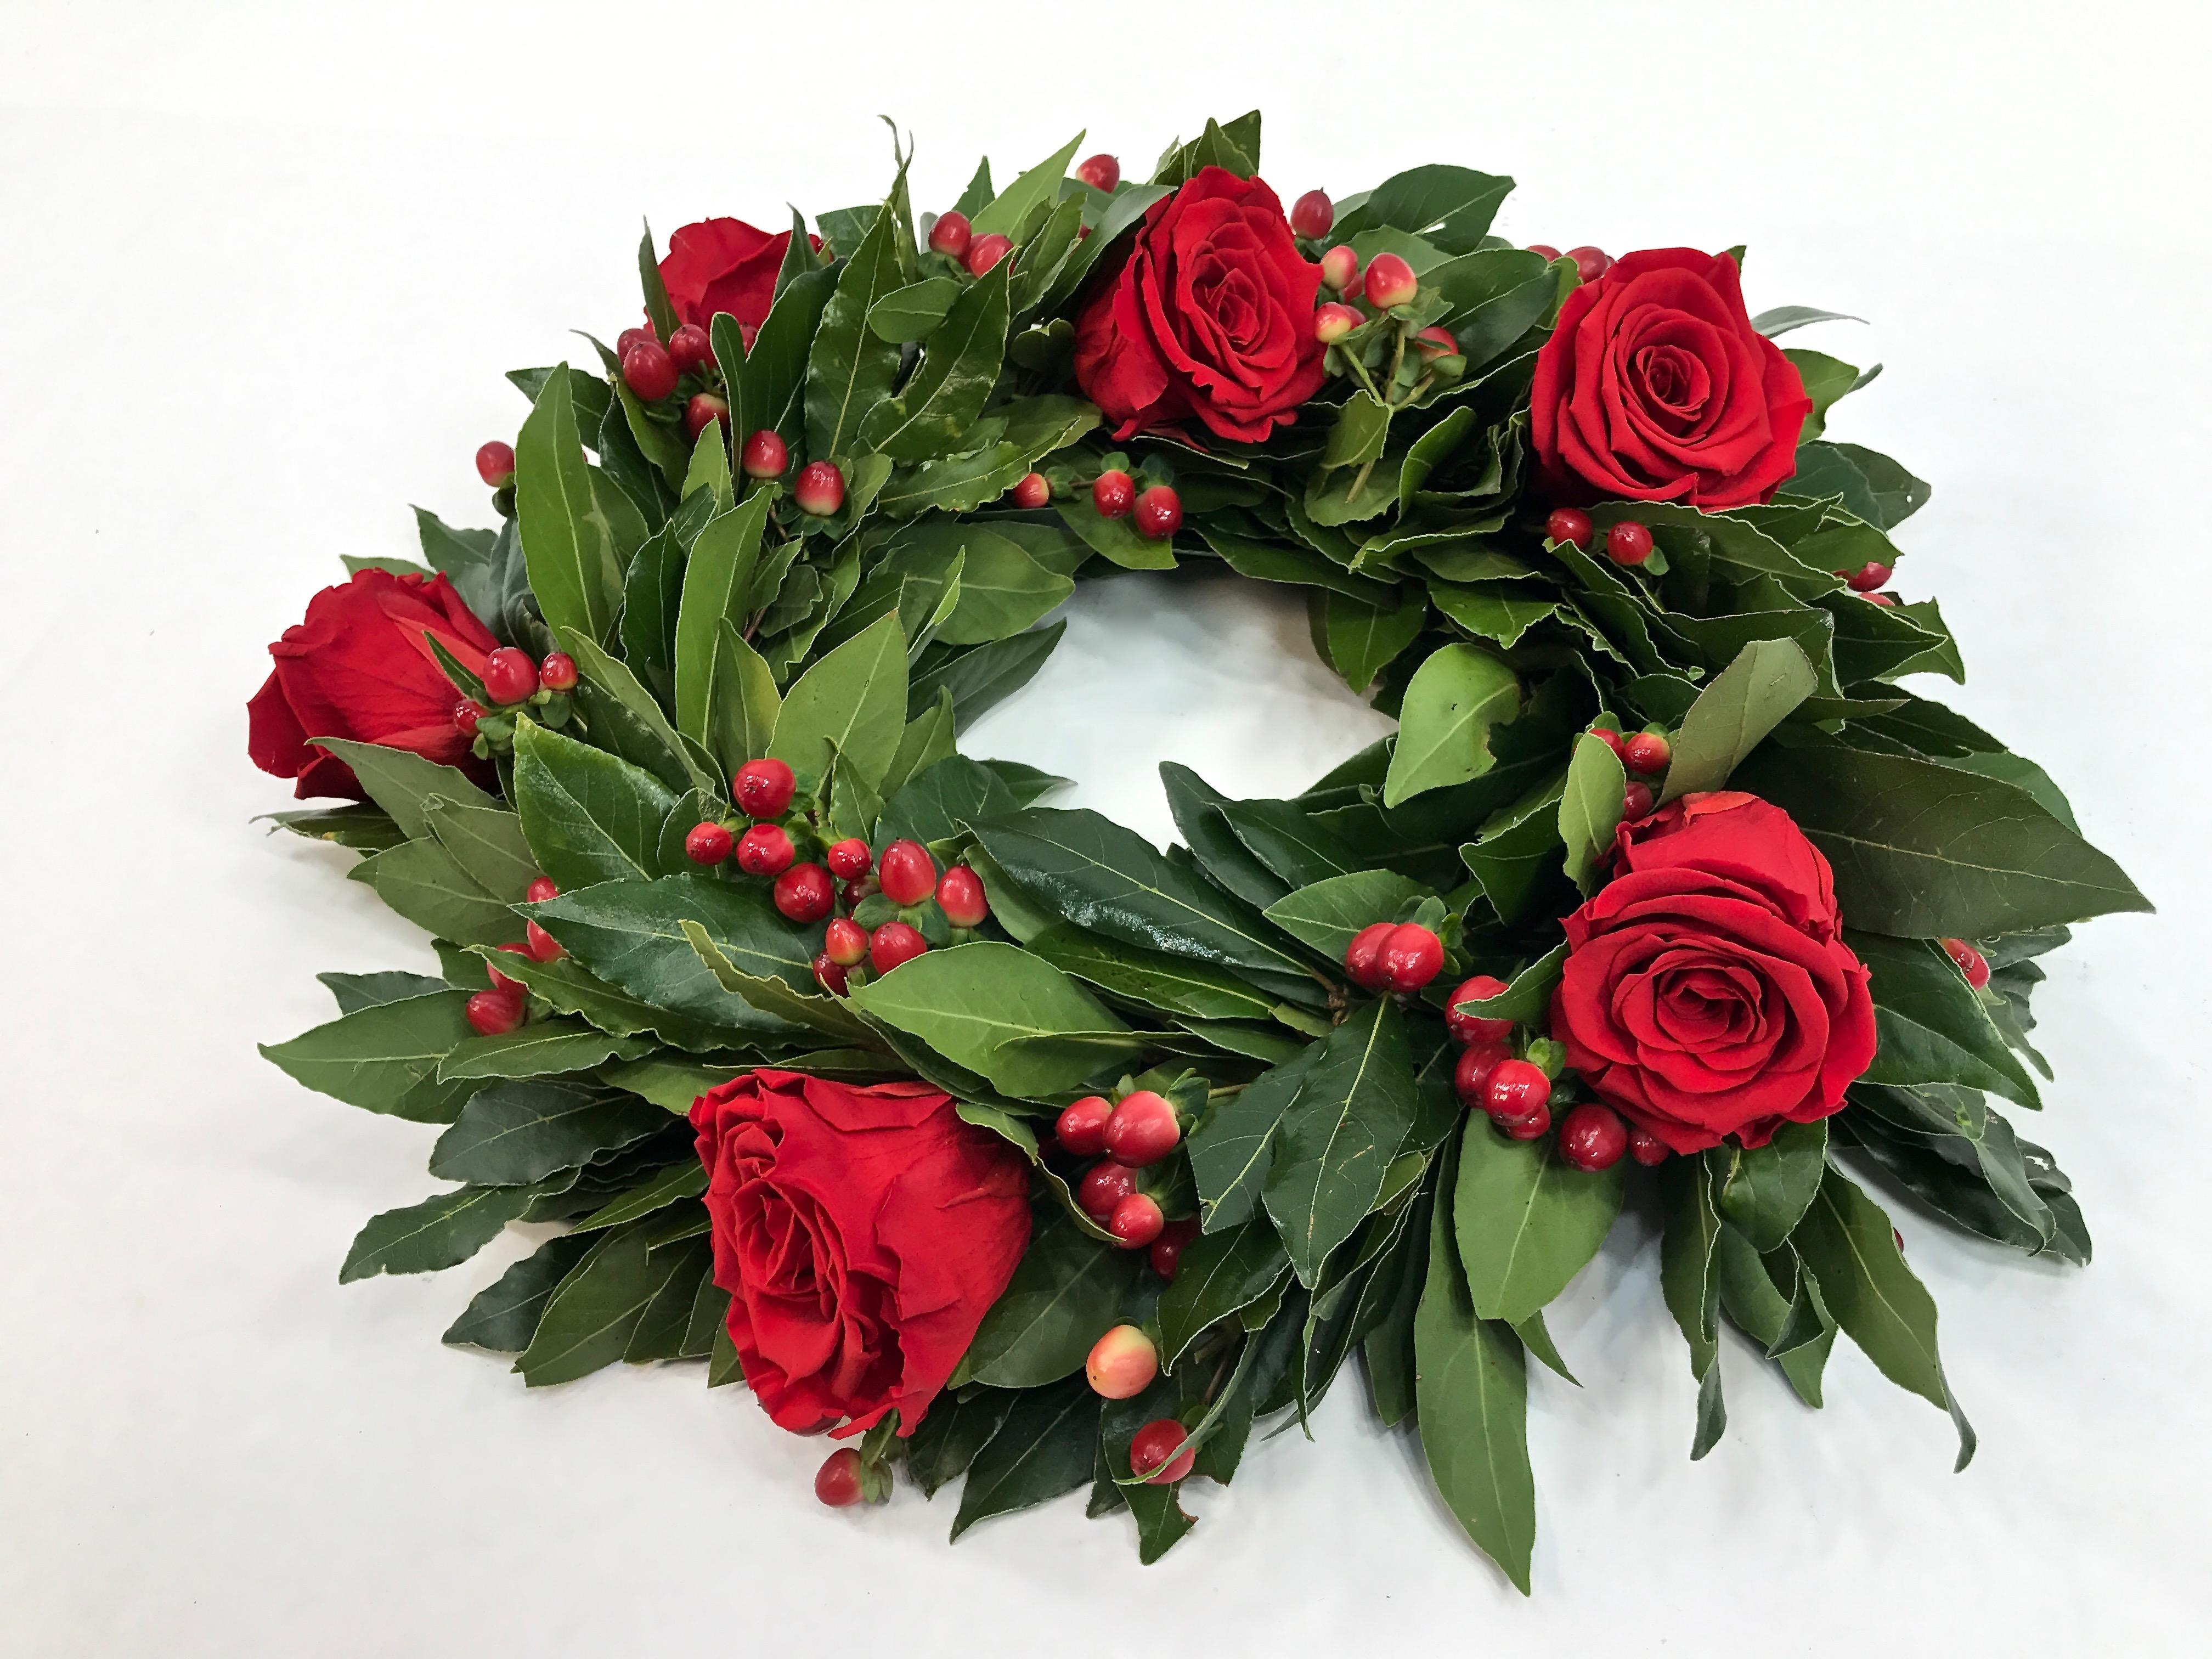 Corona Di Alloro Per Laurea Con Bacche E Rose Fiorit Fiori A